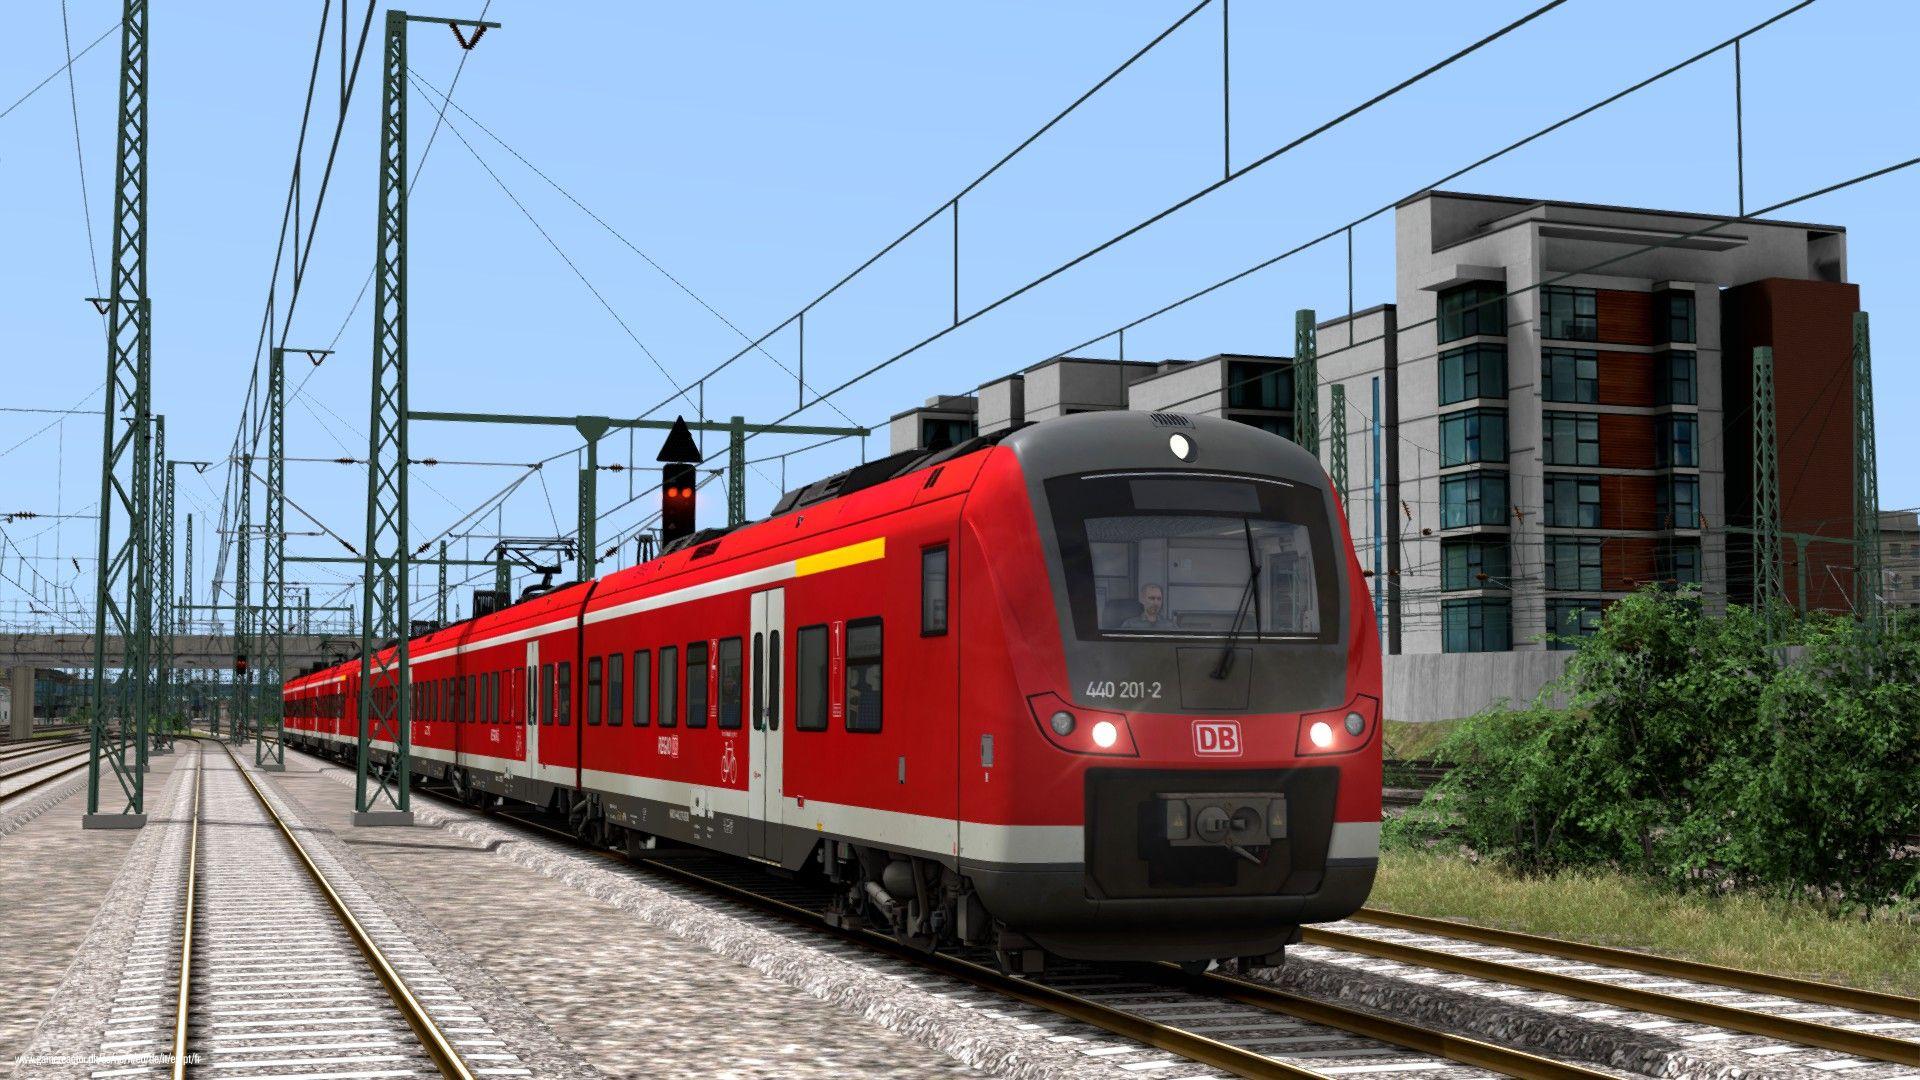 trainsimulator2020_2958383b.jpg